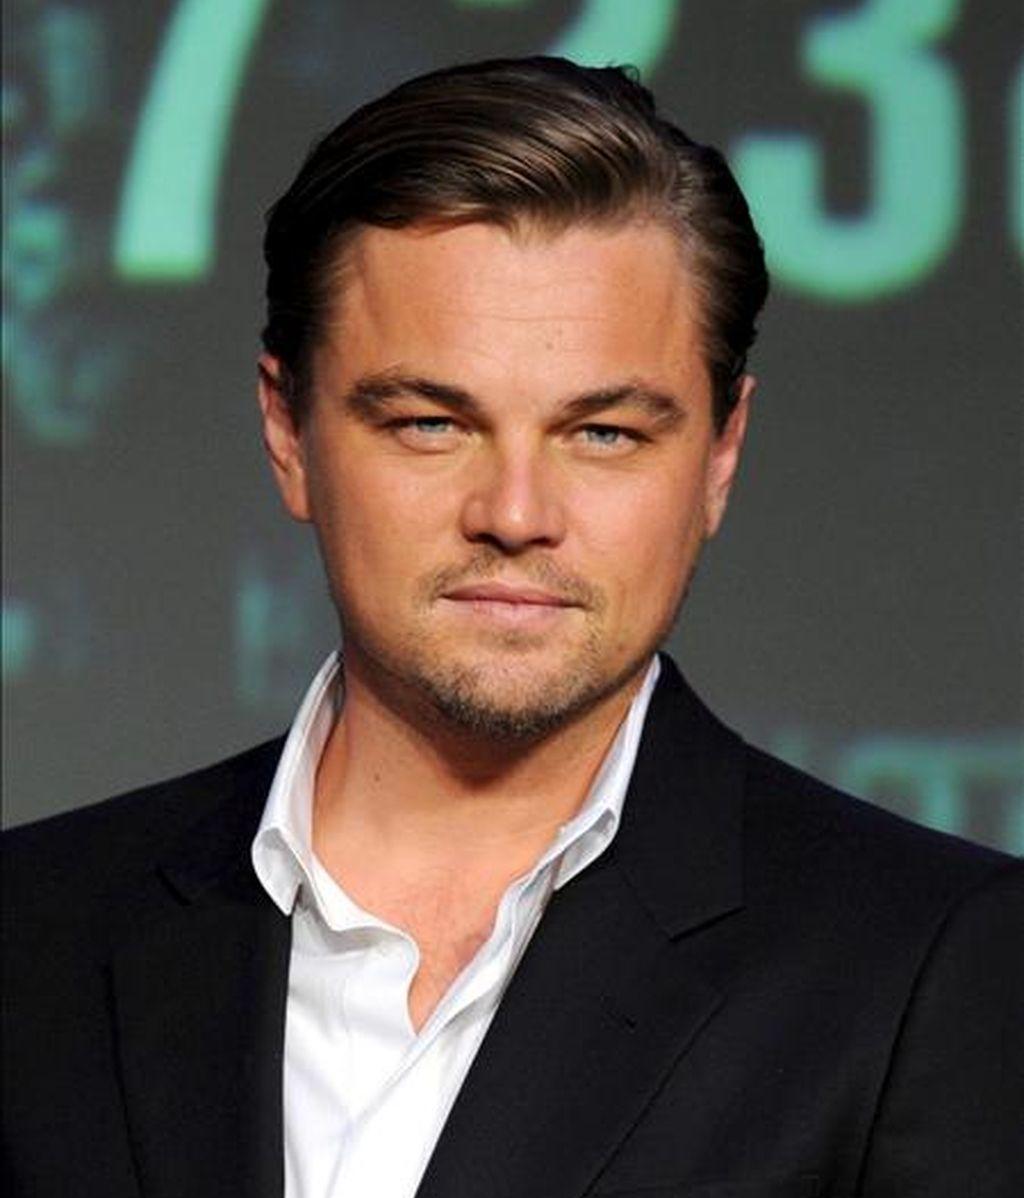 El actor Leonardo Di Caprio. EFE/Archivo